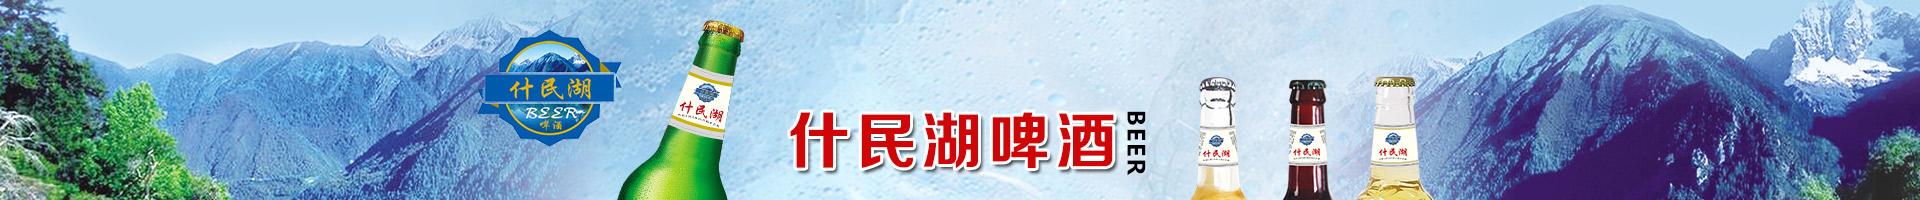 青岛什民湖啤酒有限公司